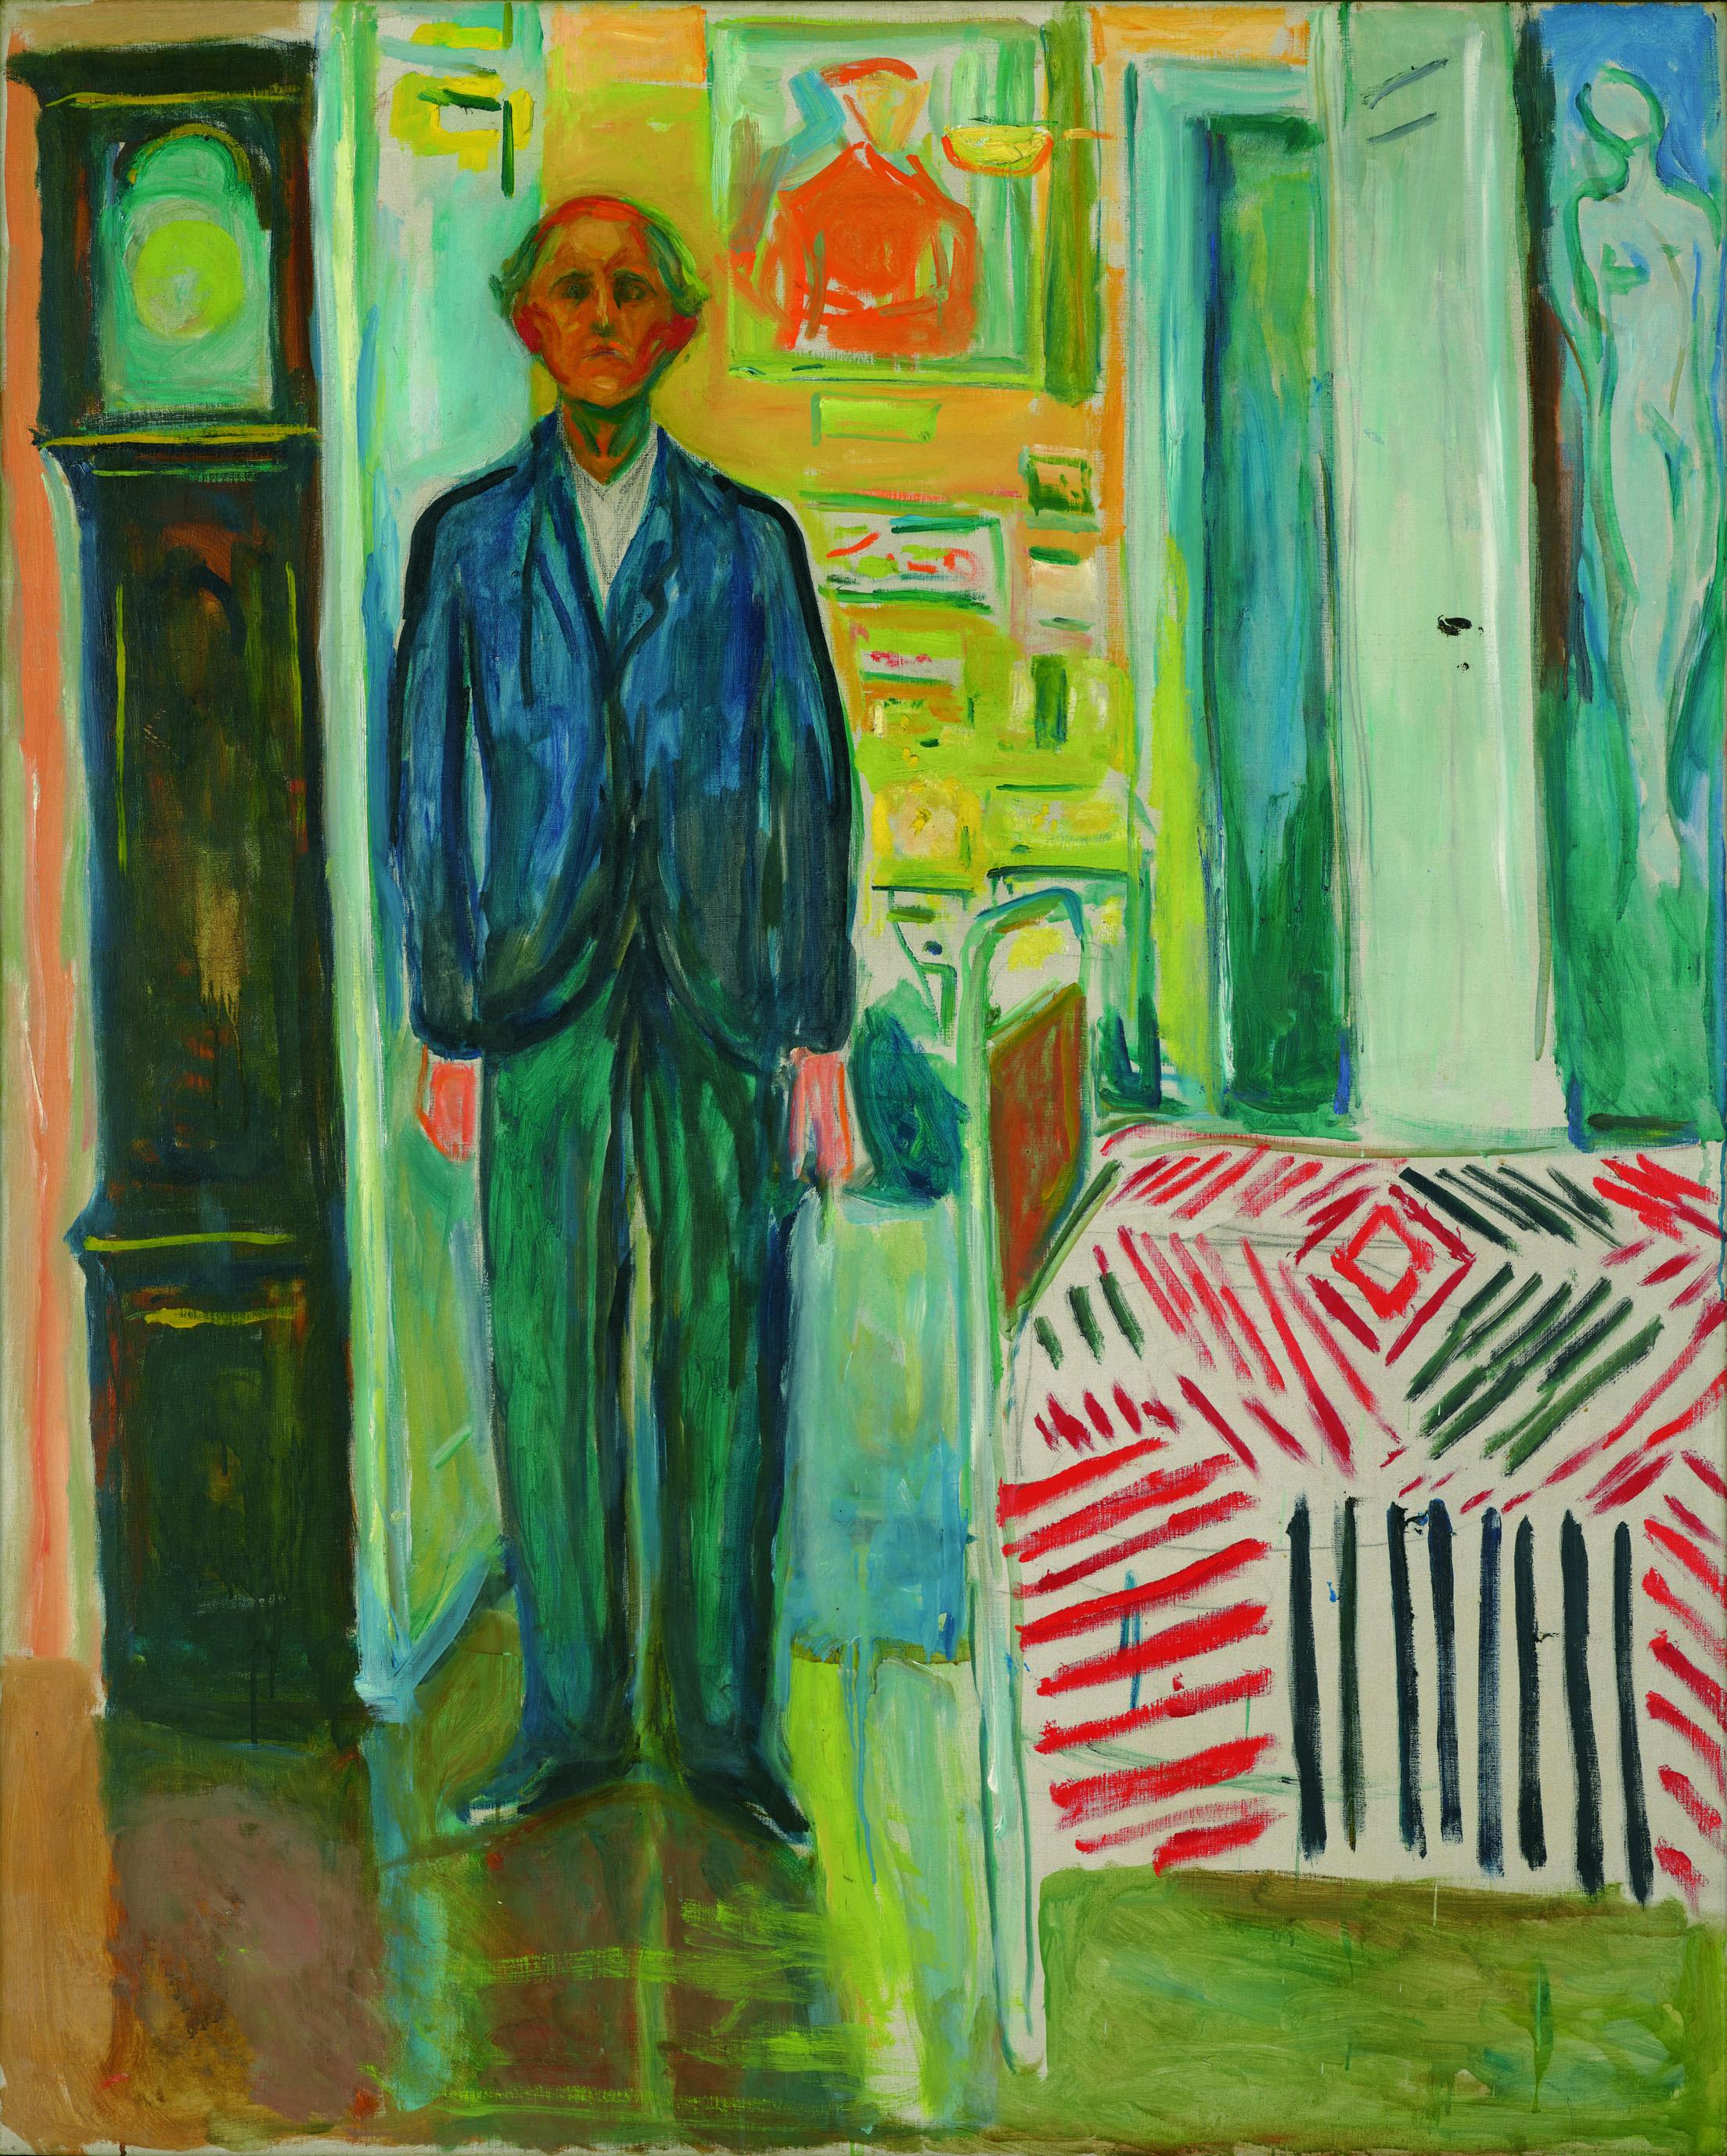 エドヴァルド・ムンク《自画像、時計とベッドの間》1940-43年 油彩、カンヴァス 149.5×120.5cm